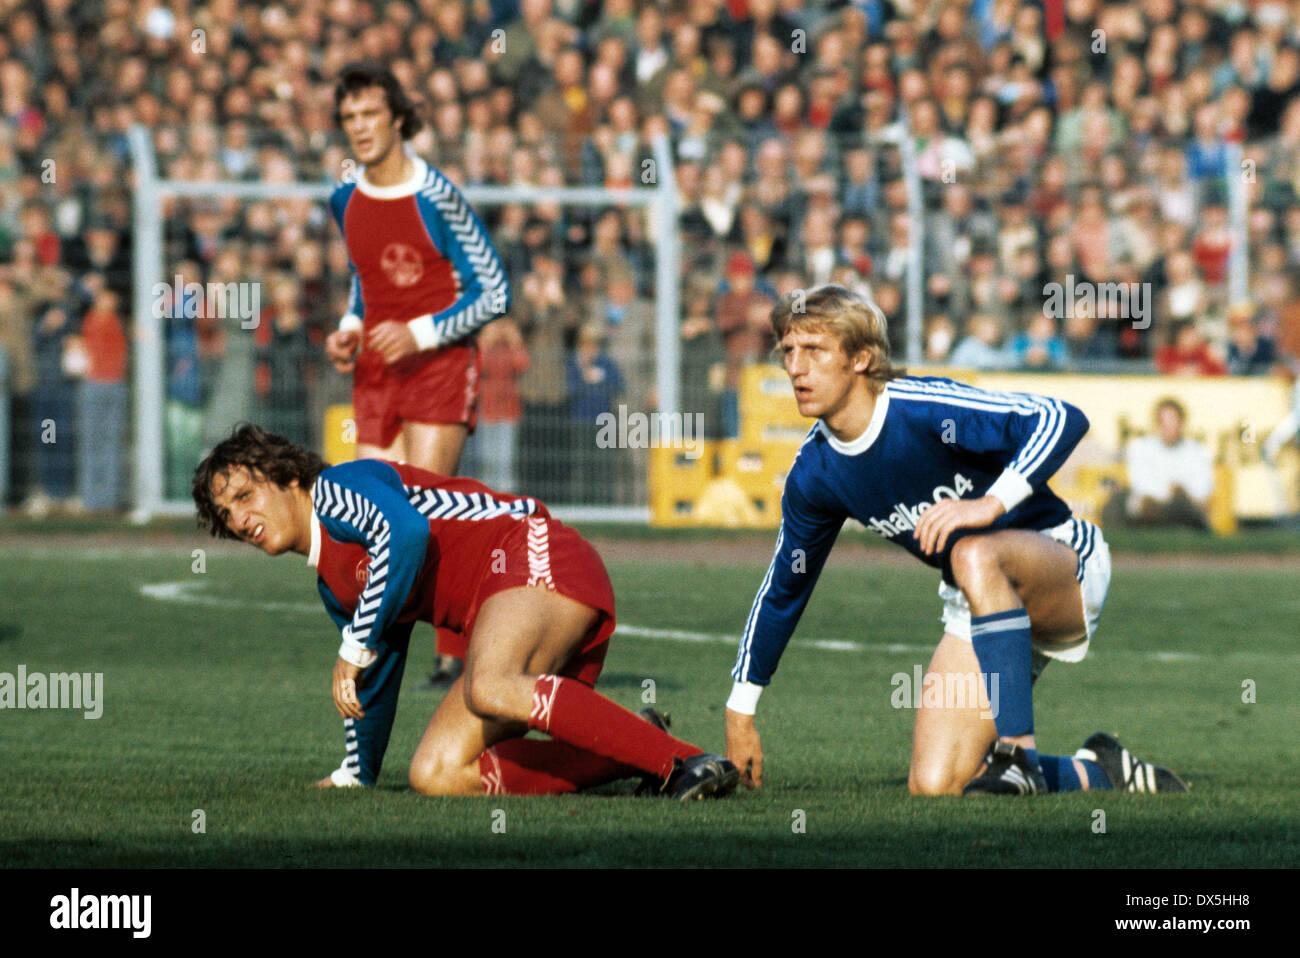 football, Bundesliga, 1975/1976, Grotenburg Stadium, FC Bayer 05 Uerdingen versus FC Schalke 04 3:2, scene of the match, Hans-Juergen Wloka (Uerdingen) left and Klaus Fichtel (S04) looking after the ball - Stock Image